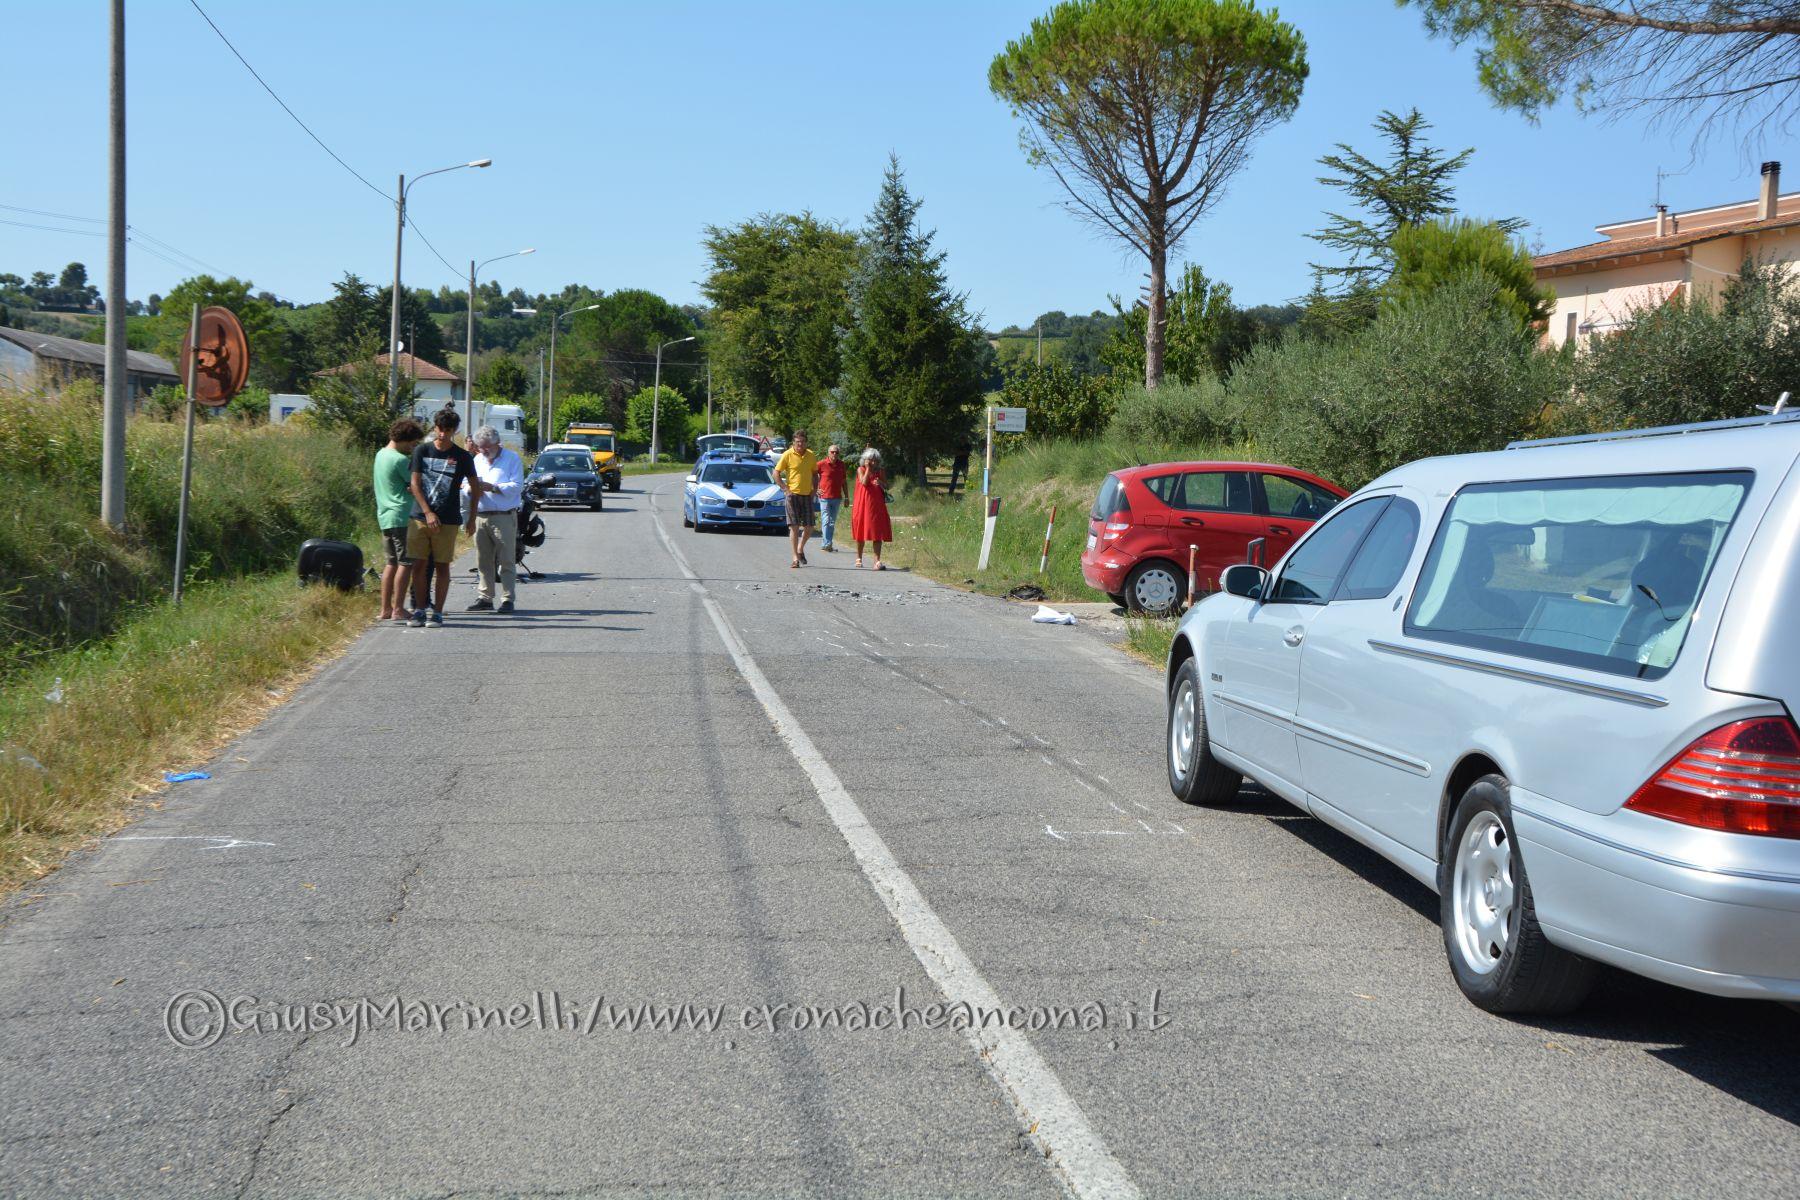 incidente_Camerano-Chiucconi-DSC_0674